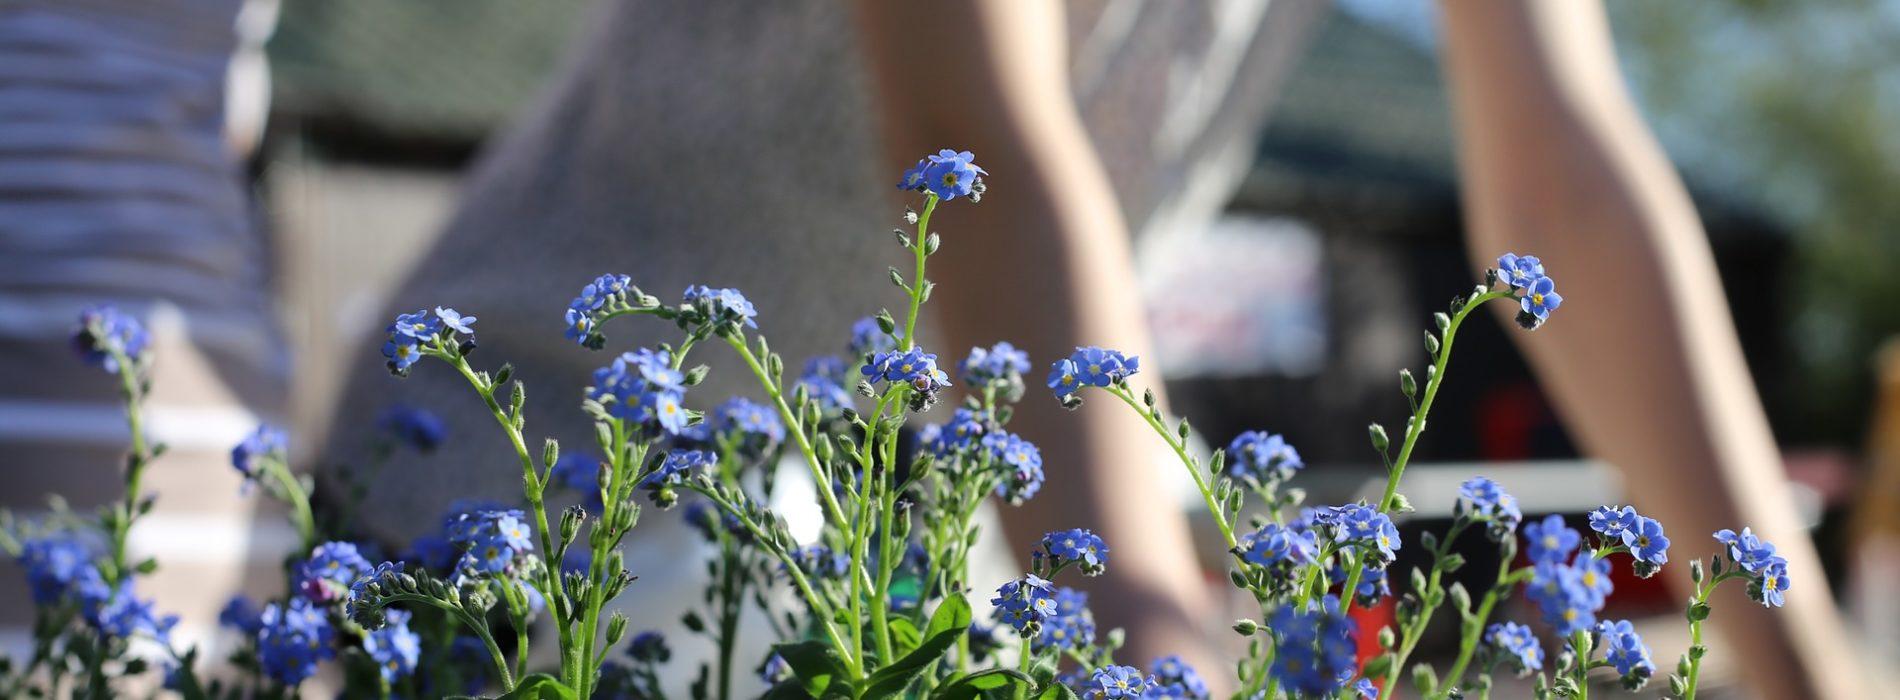 Rośliny, które warto mieć w swoim ogrodzie